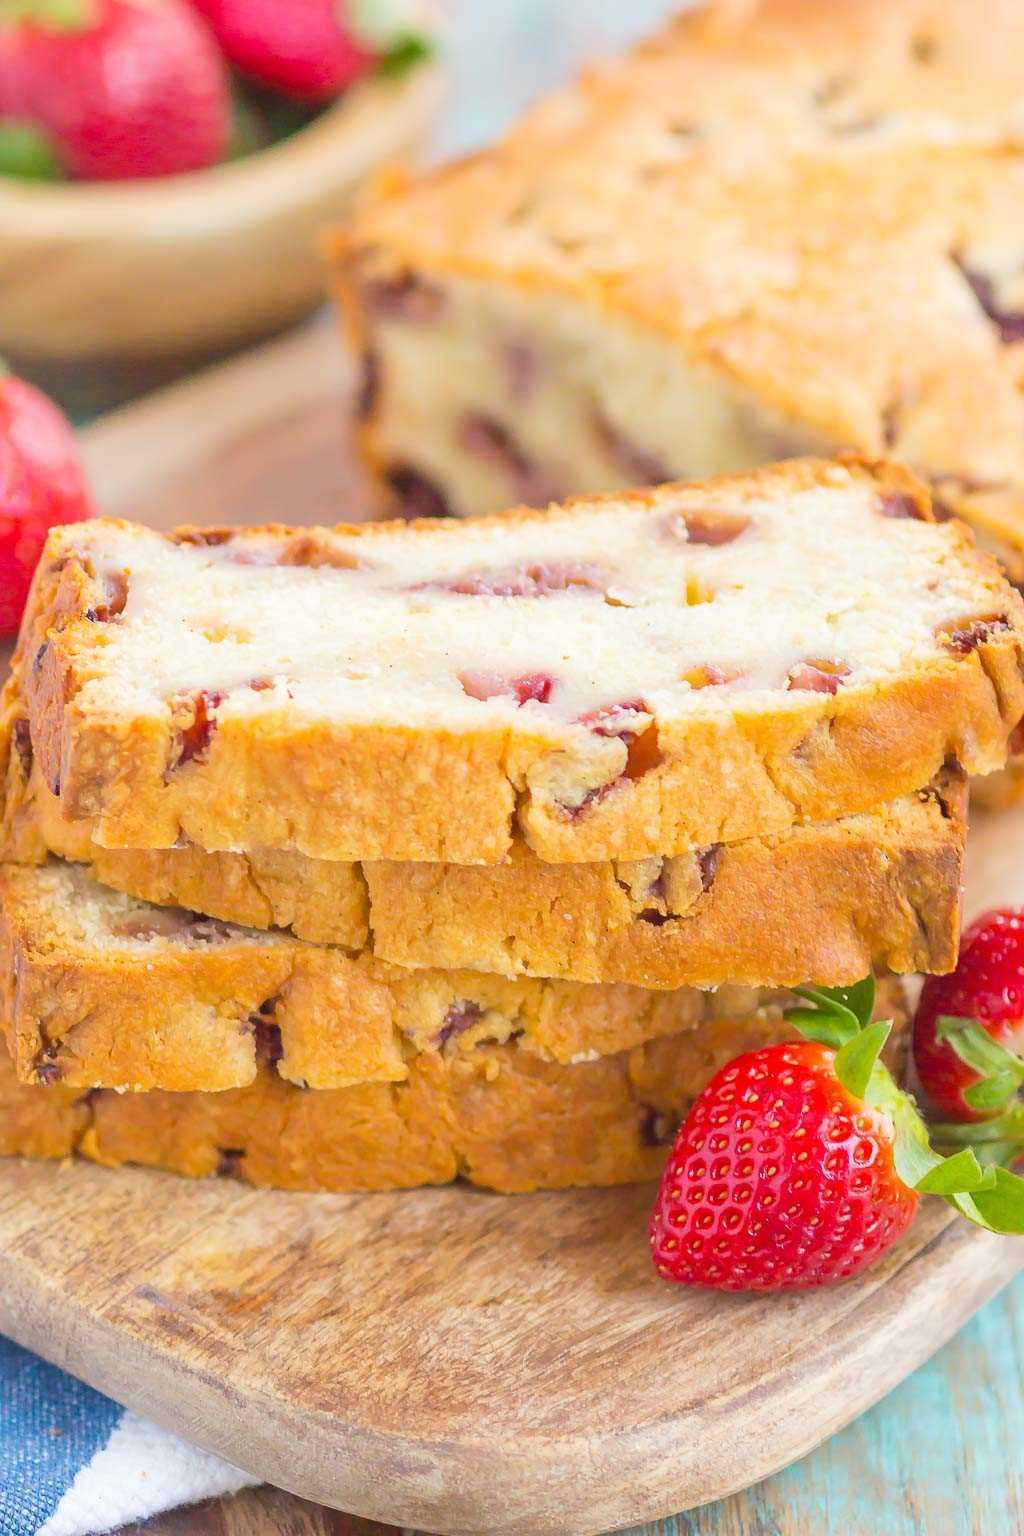 Strawberry Pound Cake es una receta simple de un tazón que rebosa de sabor. Las fresas frescas se rocían a lo largo de este bizcocho suave y denso, lo que resulta en el sabor más delicioso. ¡Perfecto para servir junto con su café de la mañana o como un sabroso postre! #poundcake #strawberrypoundcake